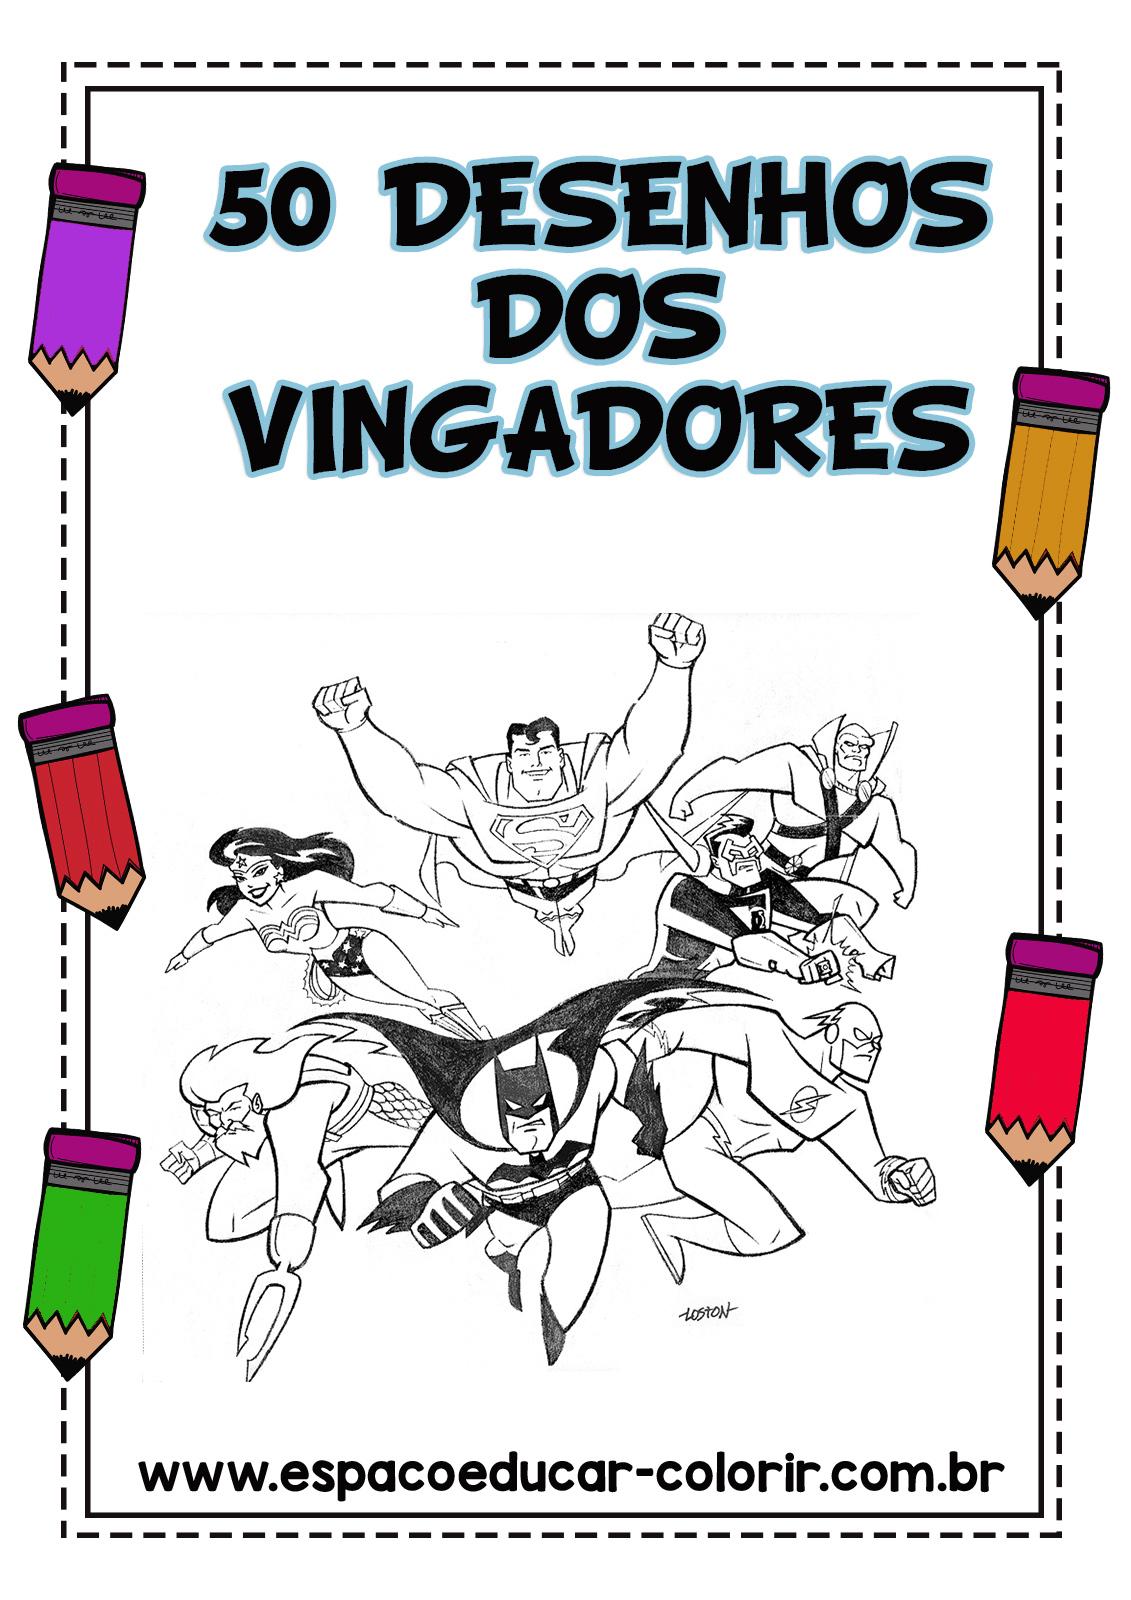 Apostila 50 Desenhos Dos Vingadores Em Pdf Gratis Para Baixar